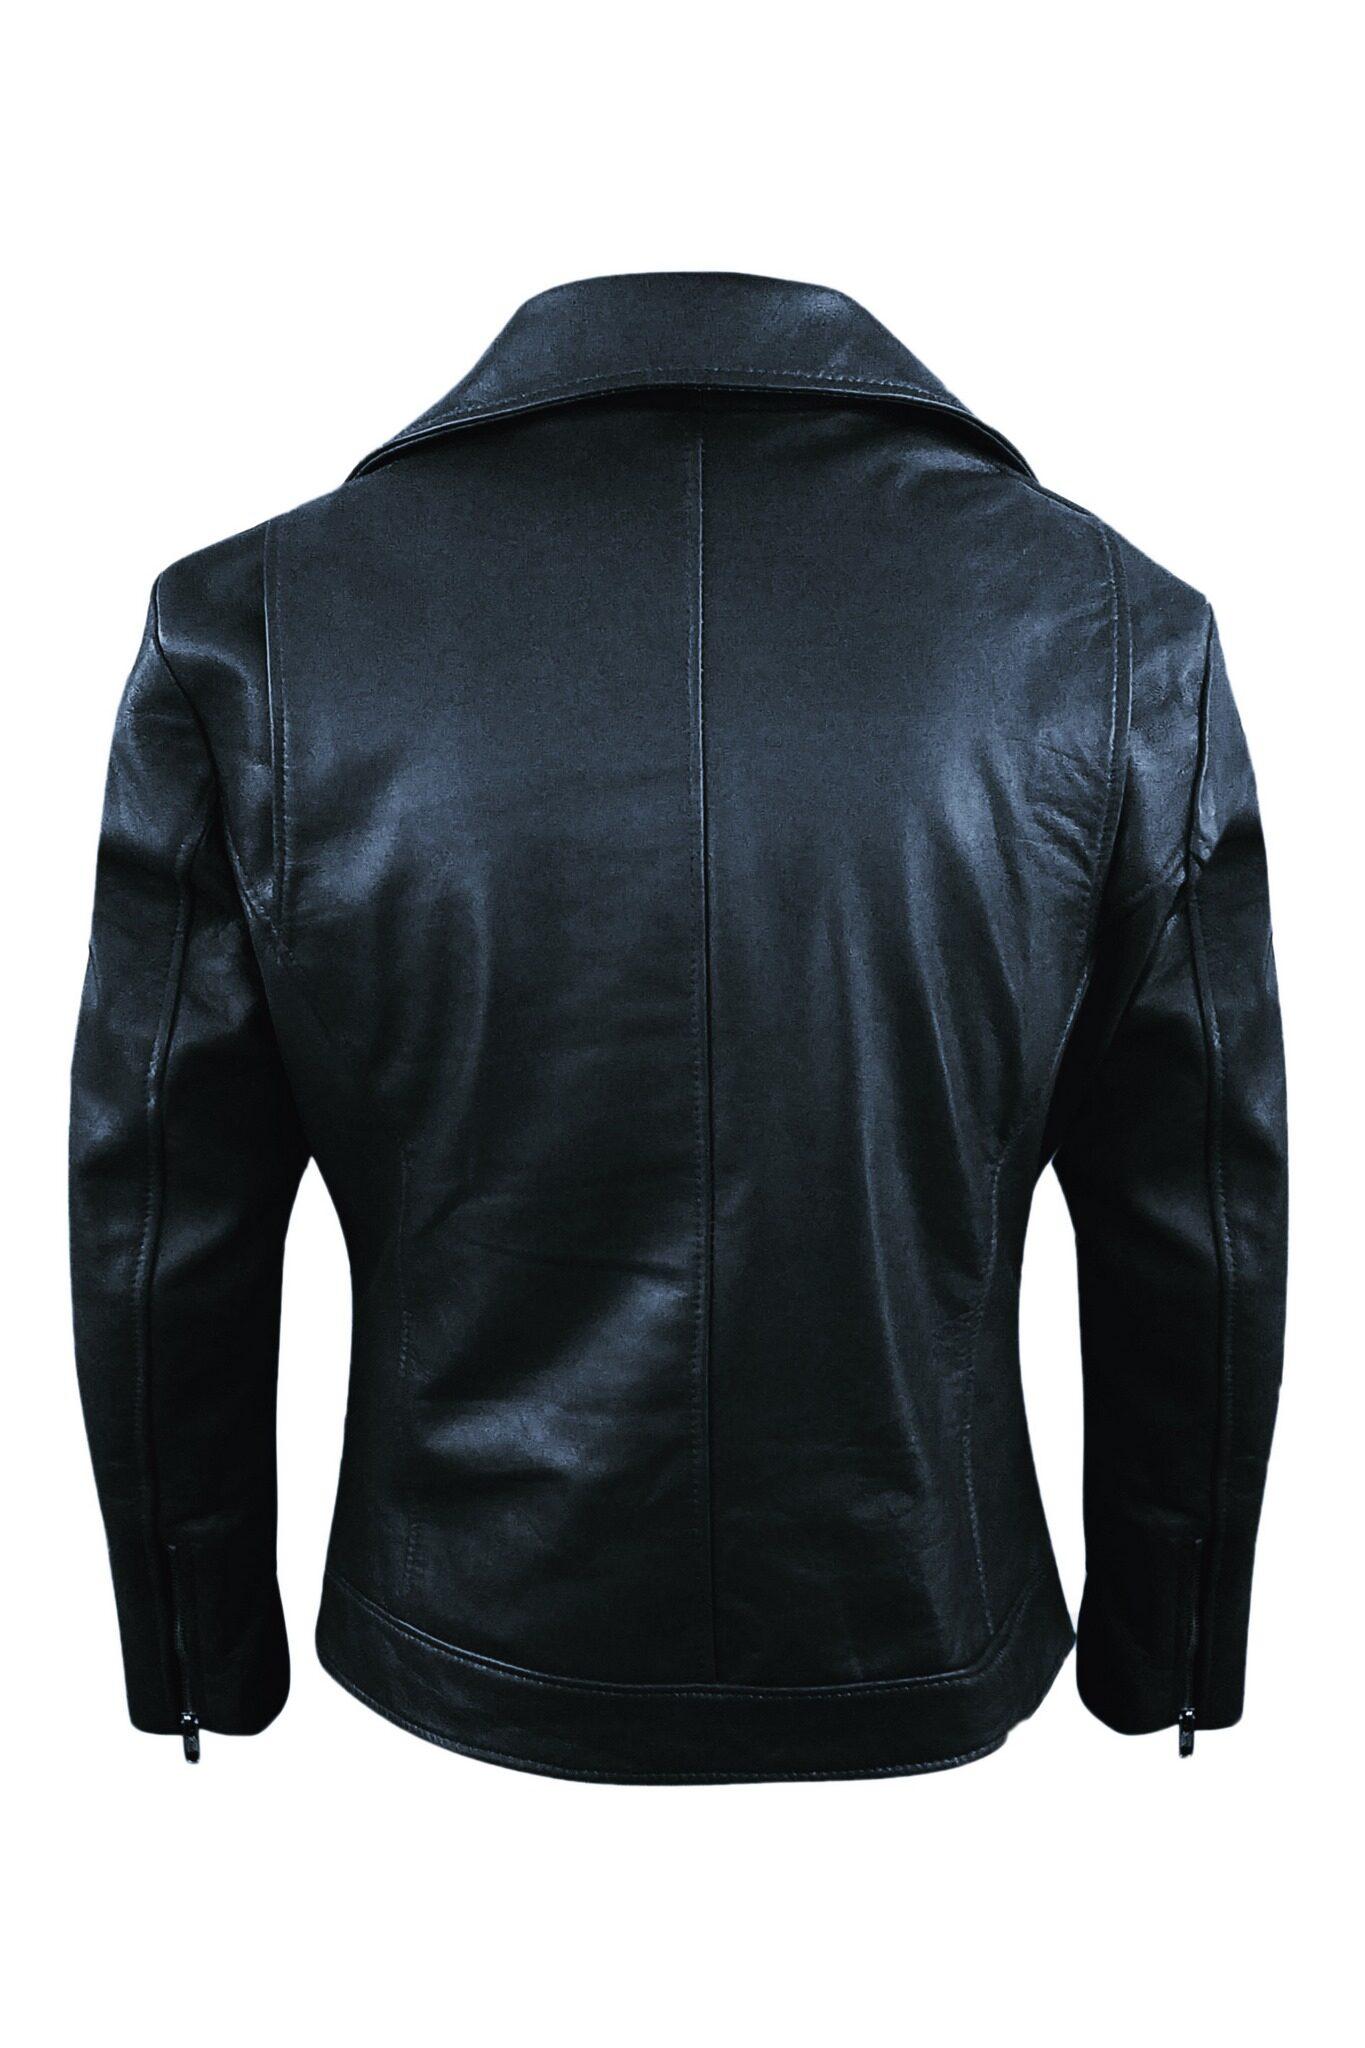 Mens Black Biker Real Leather Jacket